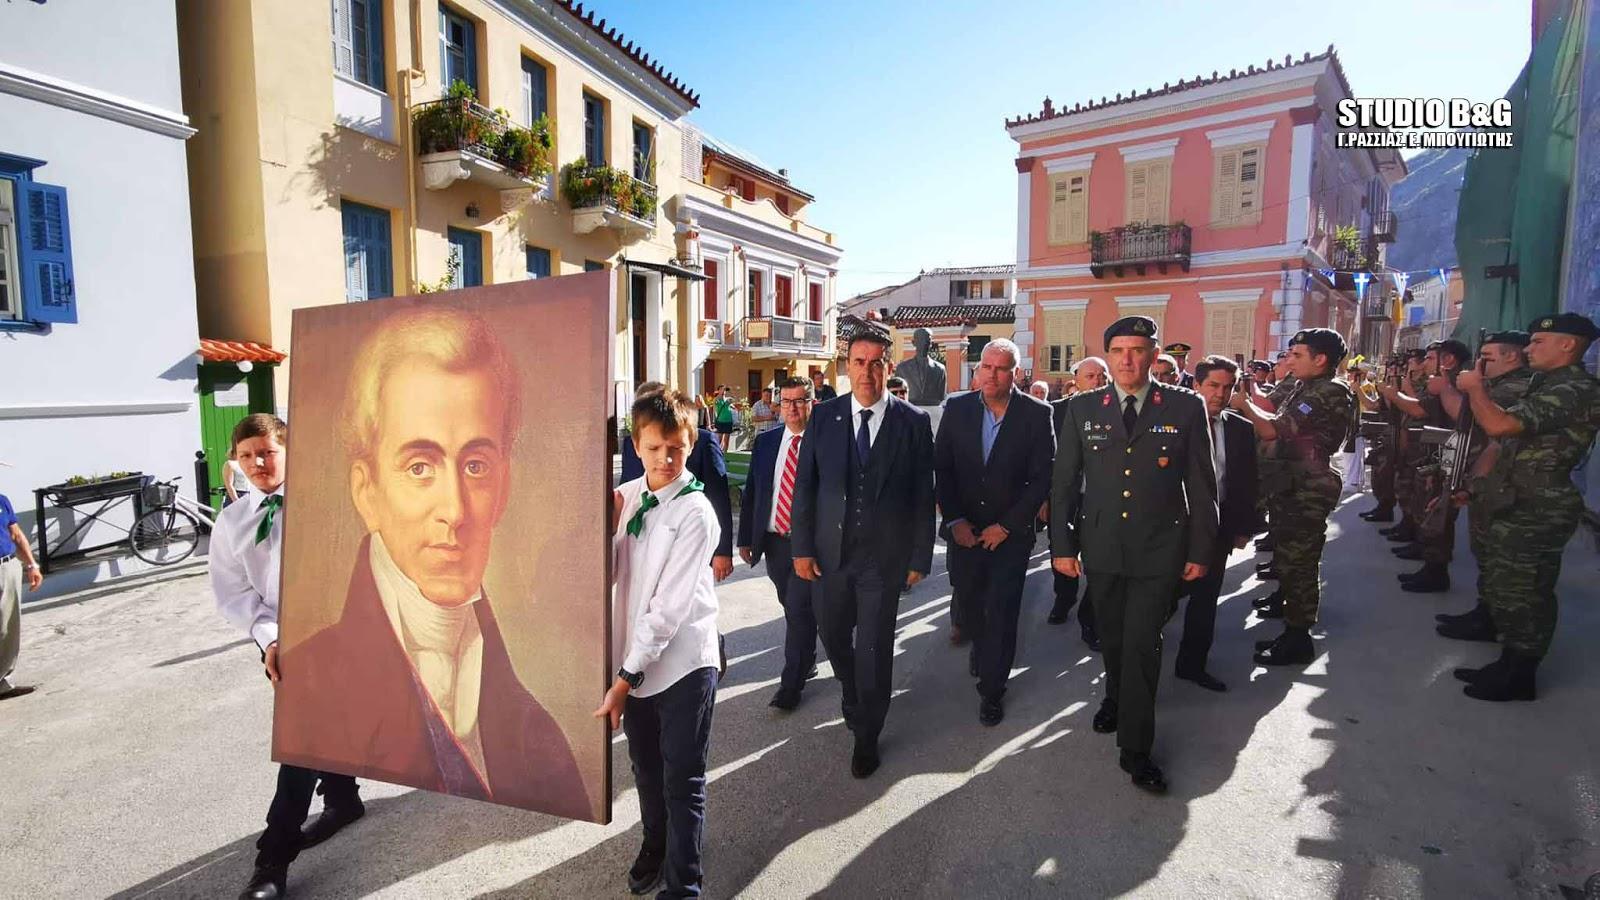 Το Ναύπλιο τίμησε τον πρώτο Κυβερνήτη της Ελλάδος Ιωάννη Καποδίστρια